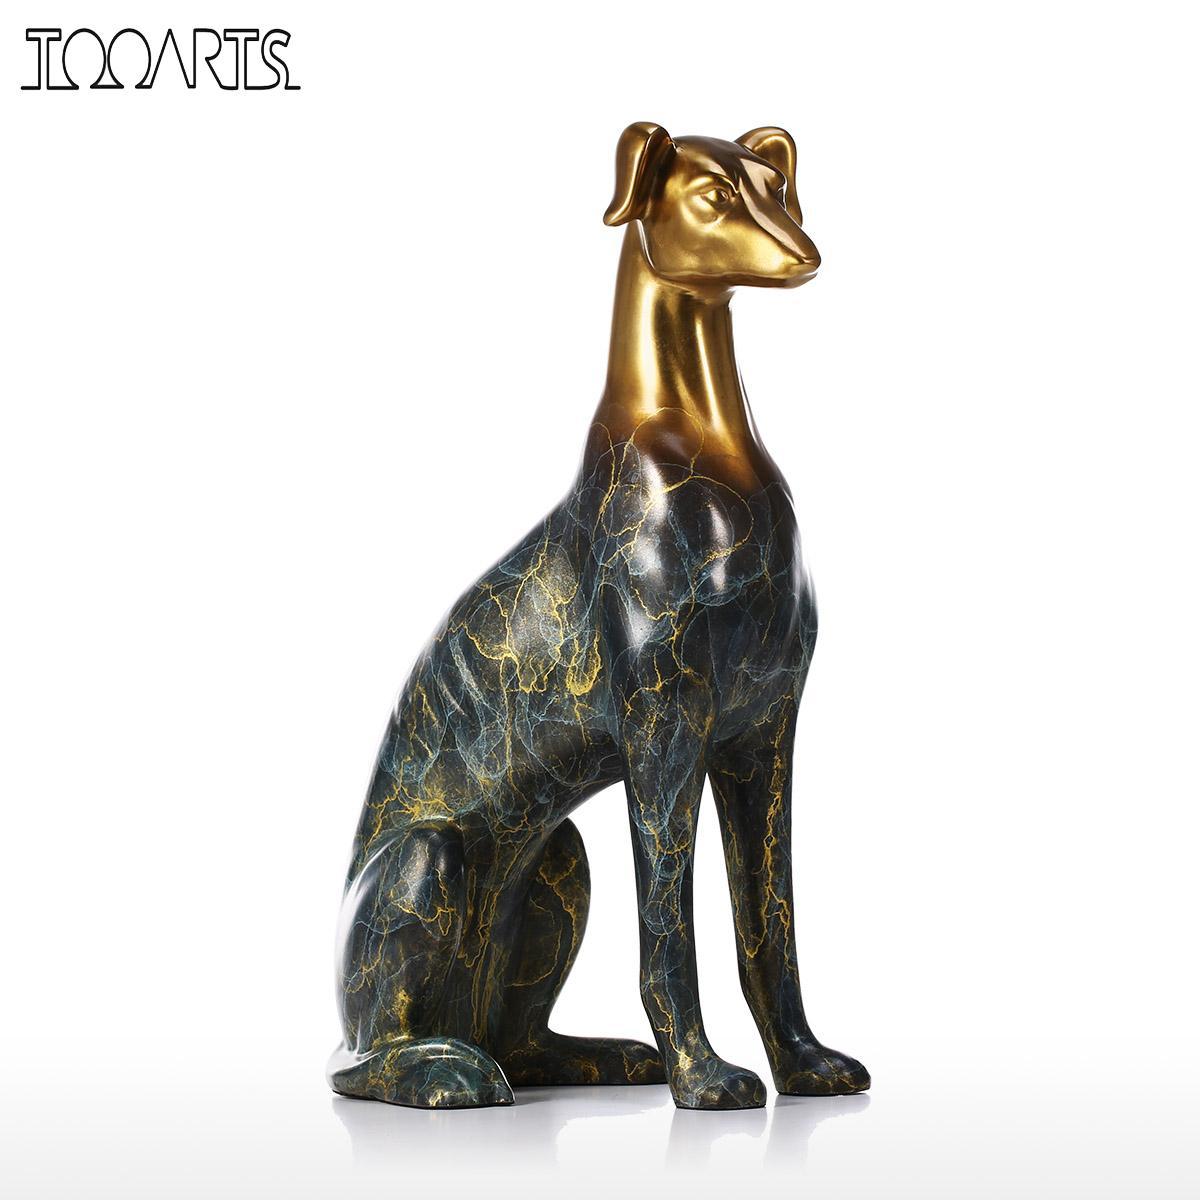 Tooarts Labrador Chien Bronze Sculpture Home Decor Sculpture De Bureau Décoratif Figurine Main Animaux Statues et Sculptures